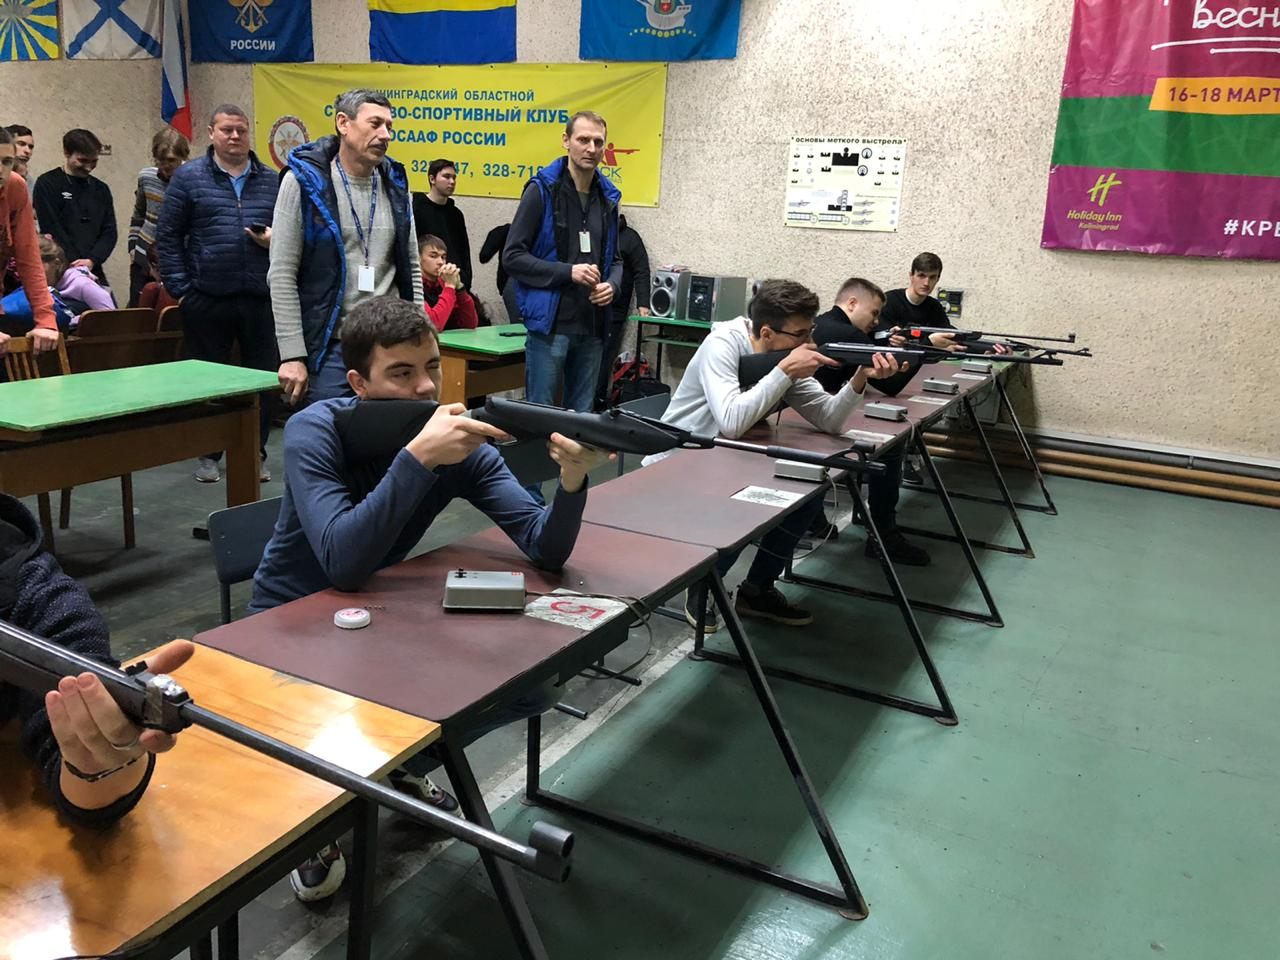 Финальные соревнования по пулевой стрельбе